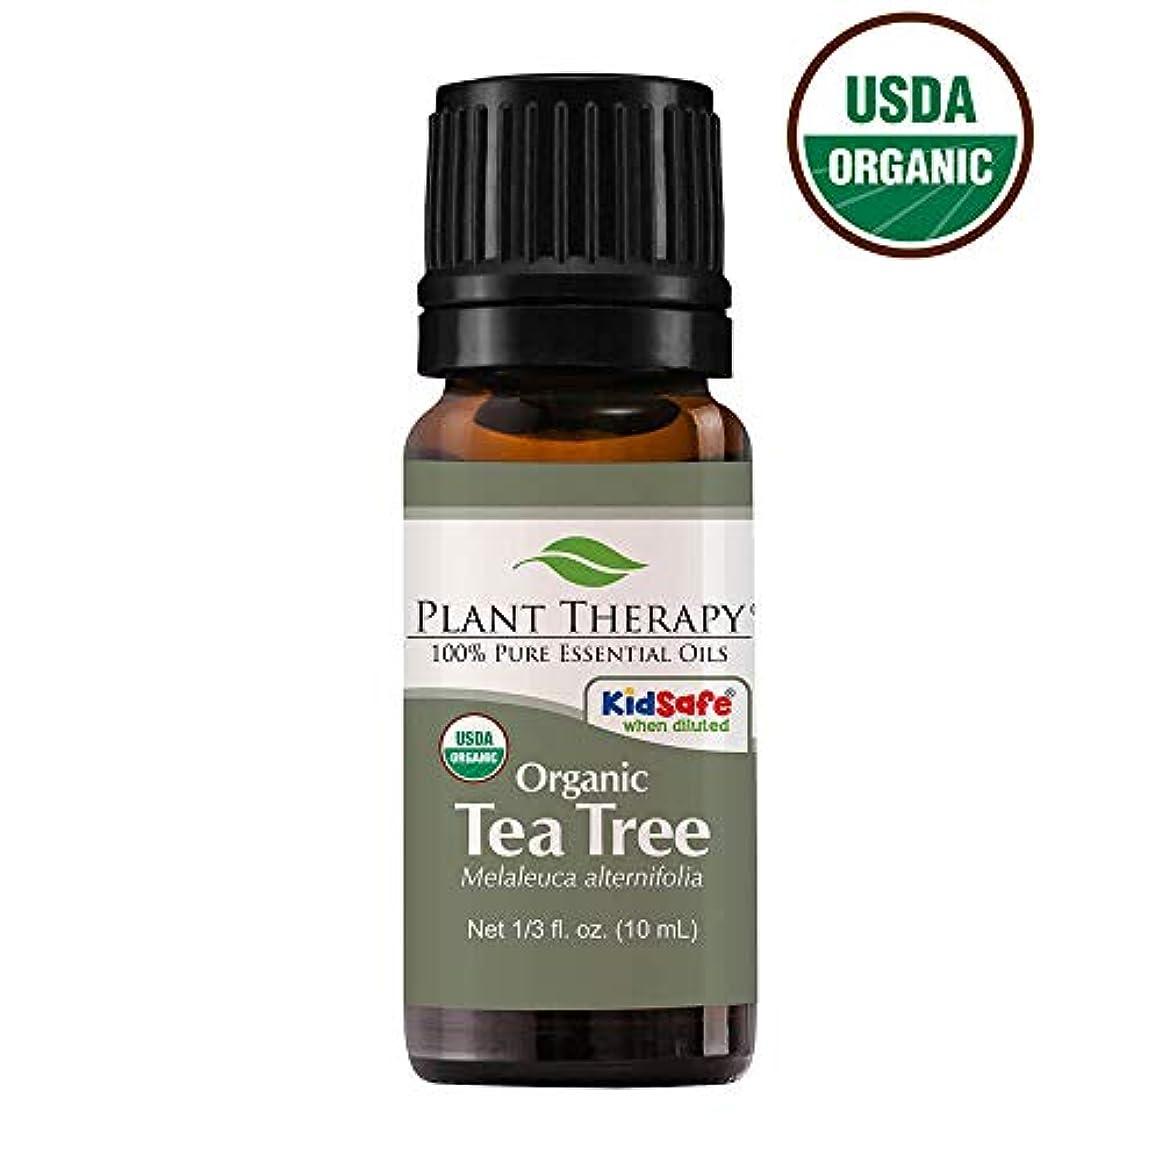 誘惑弱いフェローシップPlant Therapy Essential Oils (プラントセラピー エッセンシャルオイル) オーガニック ティーツリー (メラルーカ) エッセンシャルオイル